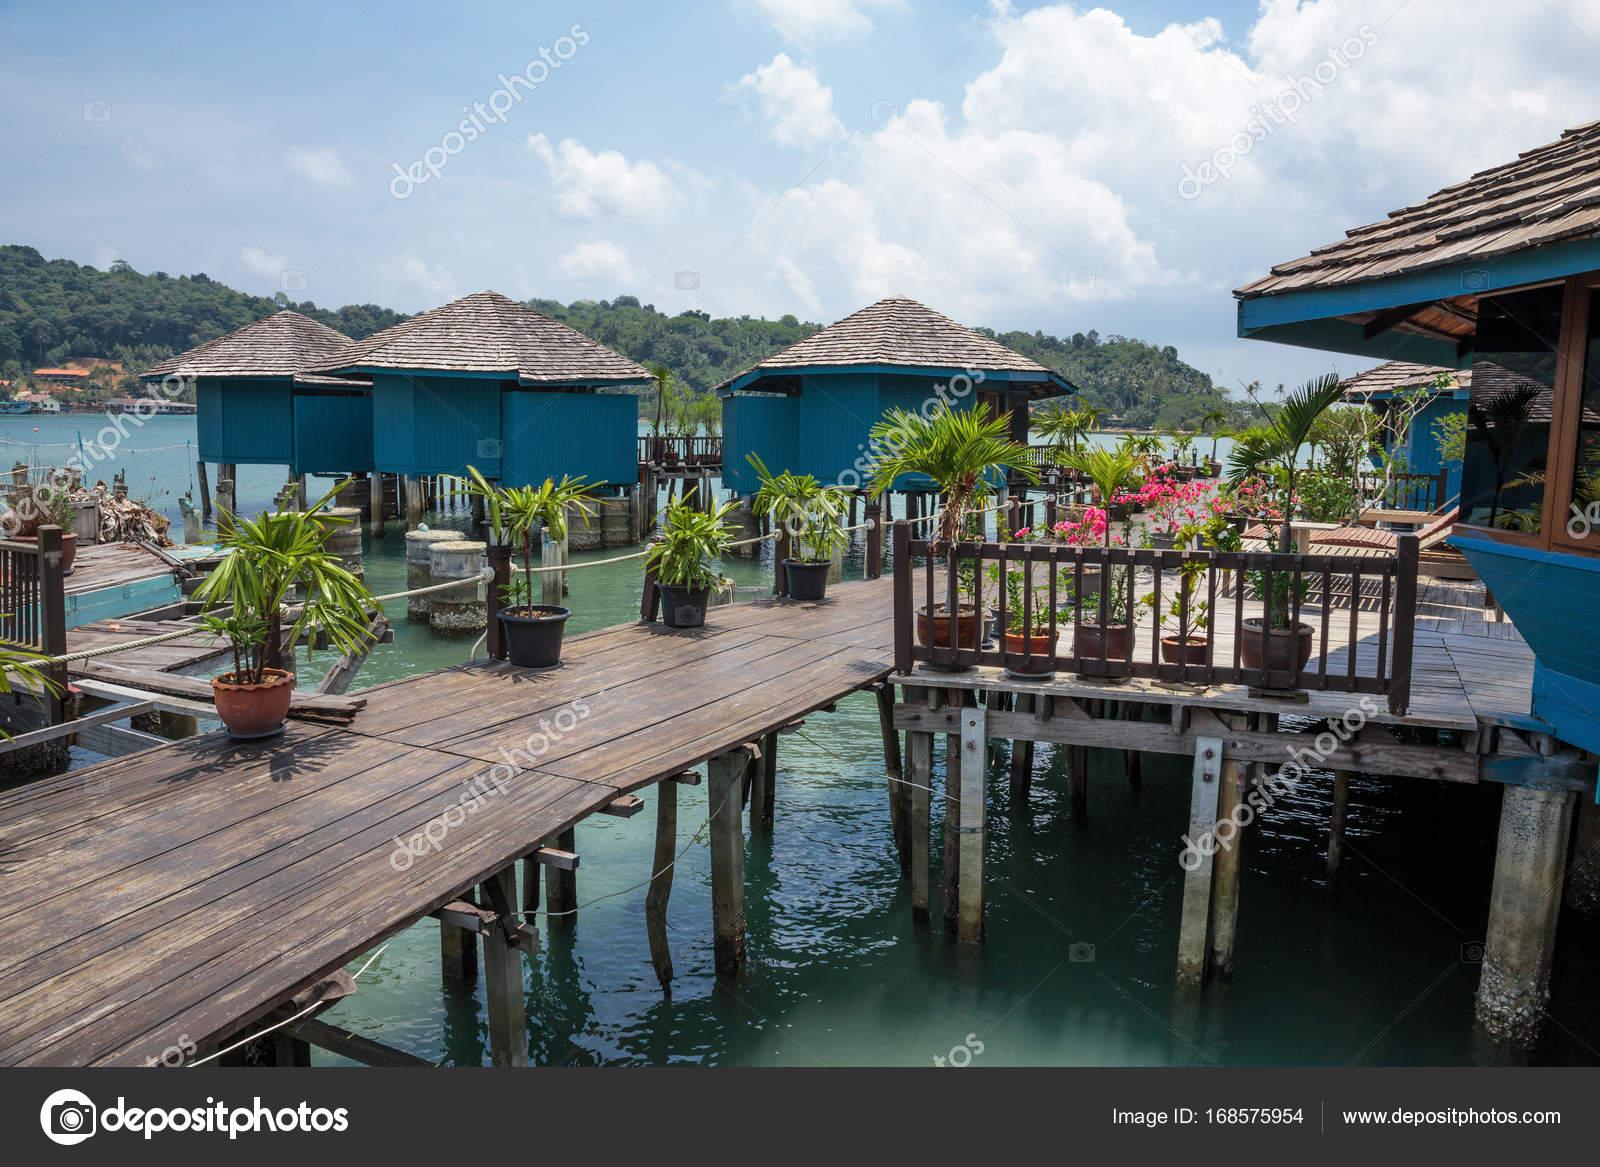 Case su palafitte nel villaggio di pescatori di bang bao for Piani di case costiere su palafitte